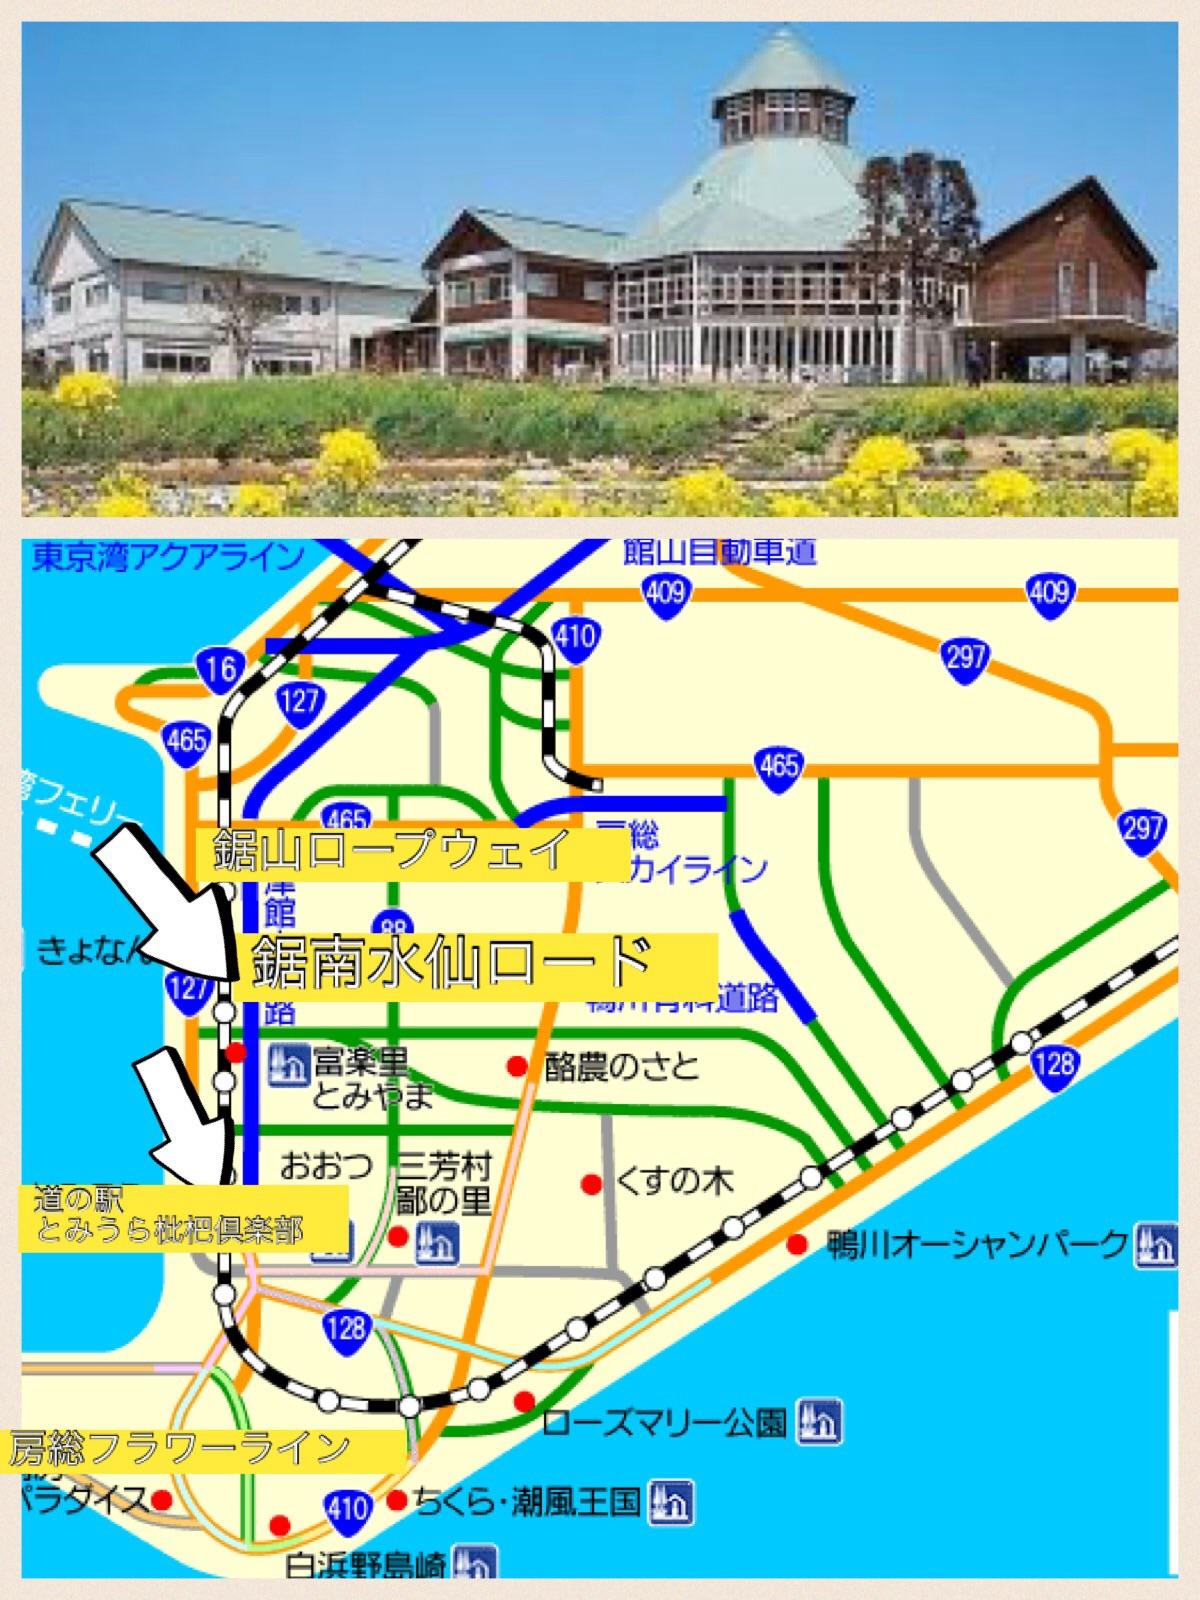 館山ファミリーパーク 房総フラワーライン